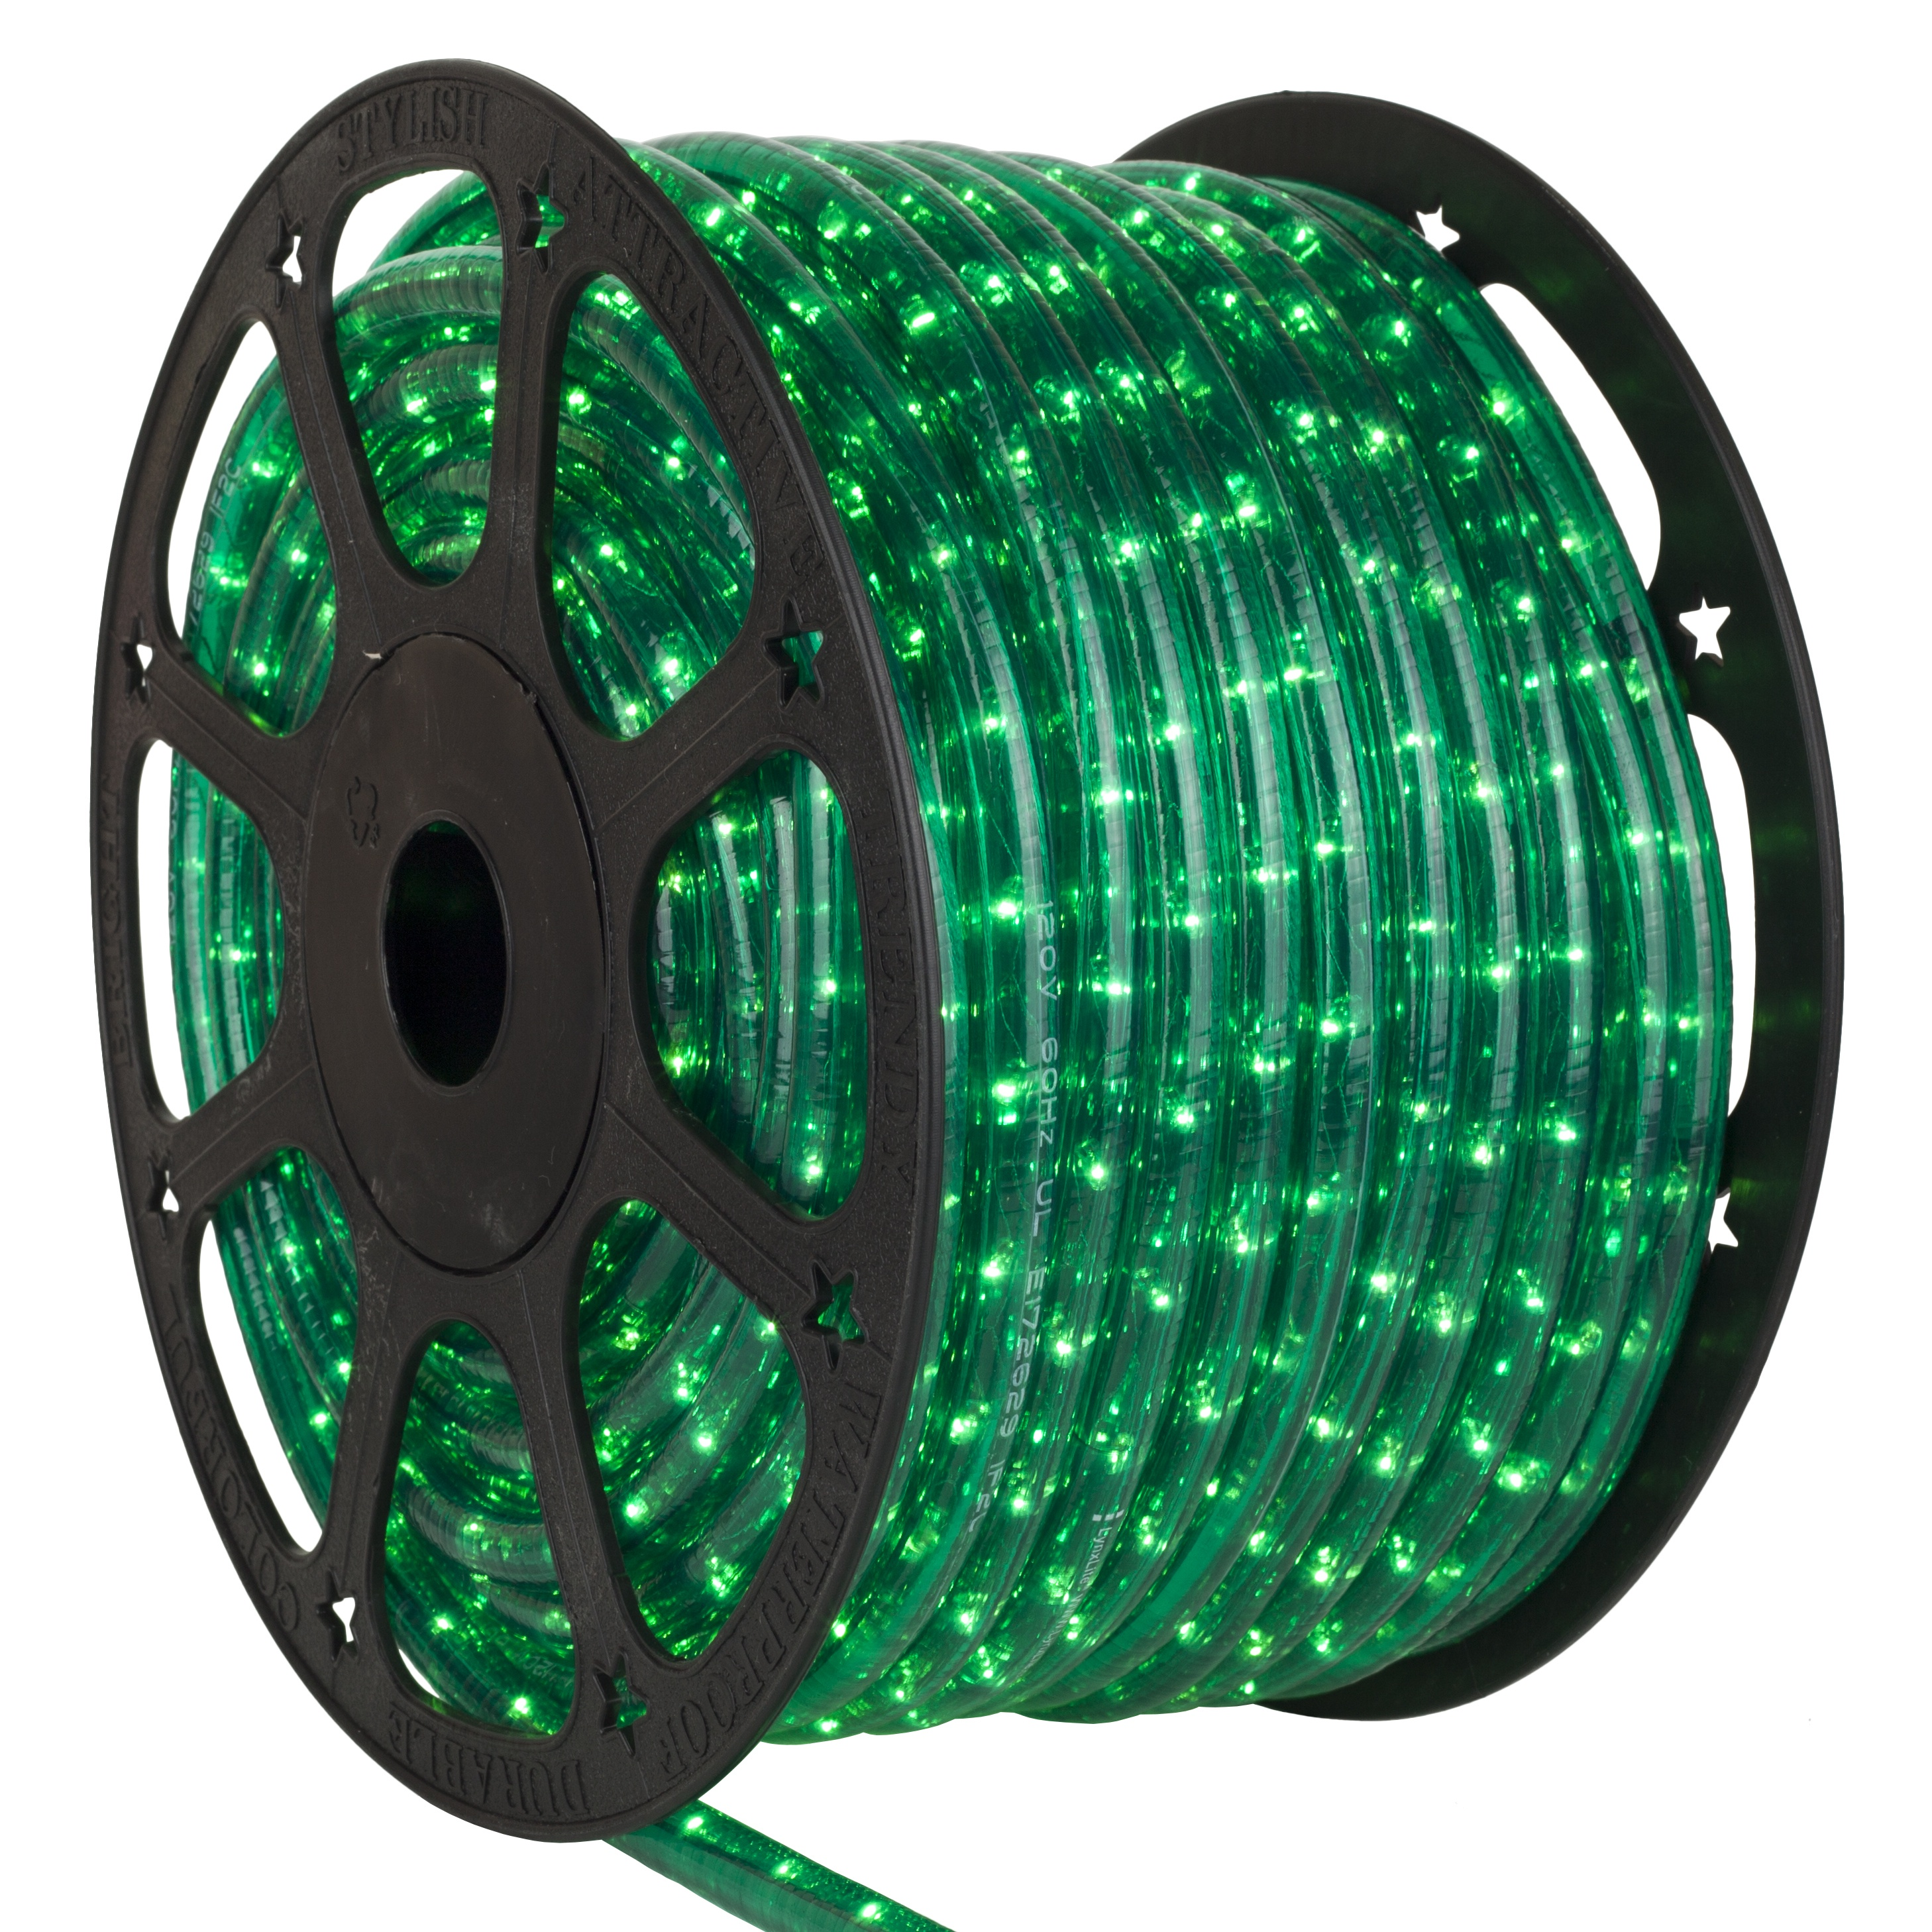 Rope Light 150 Green Mini Rope Light Commercial Spool